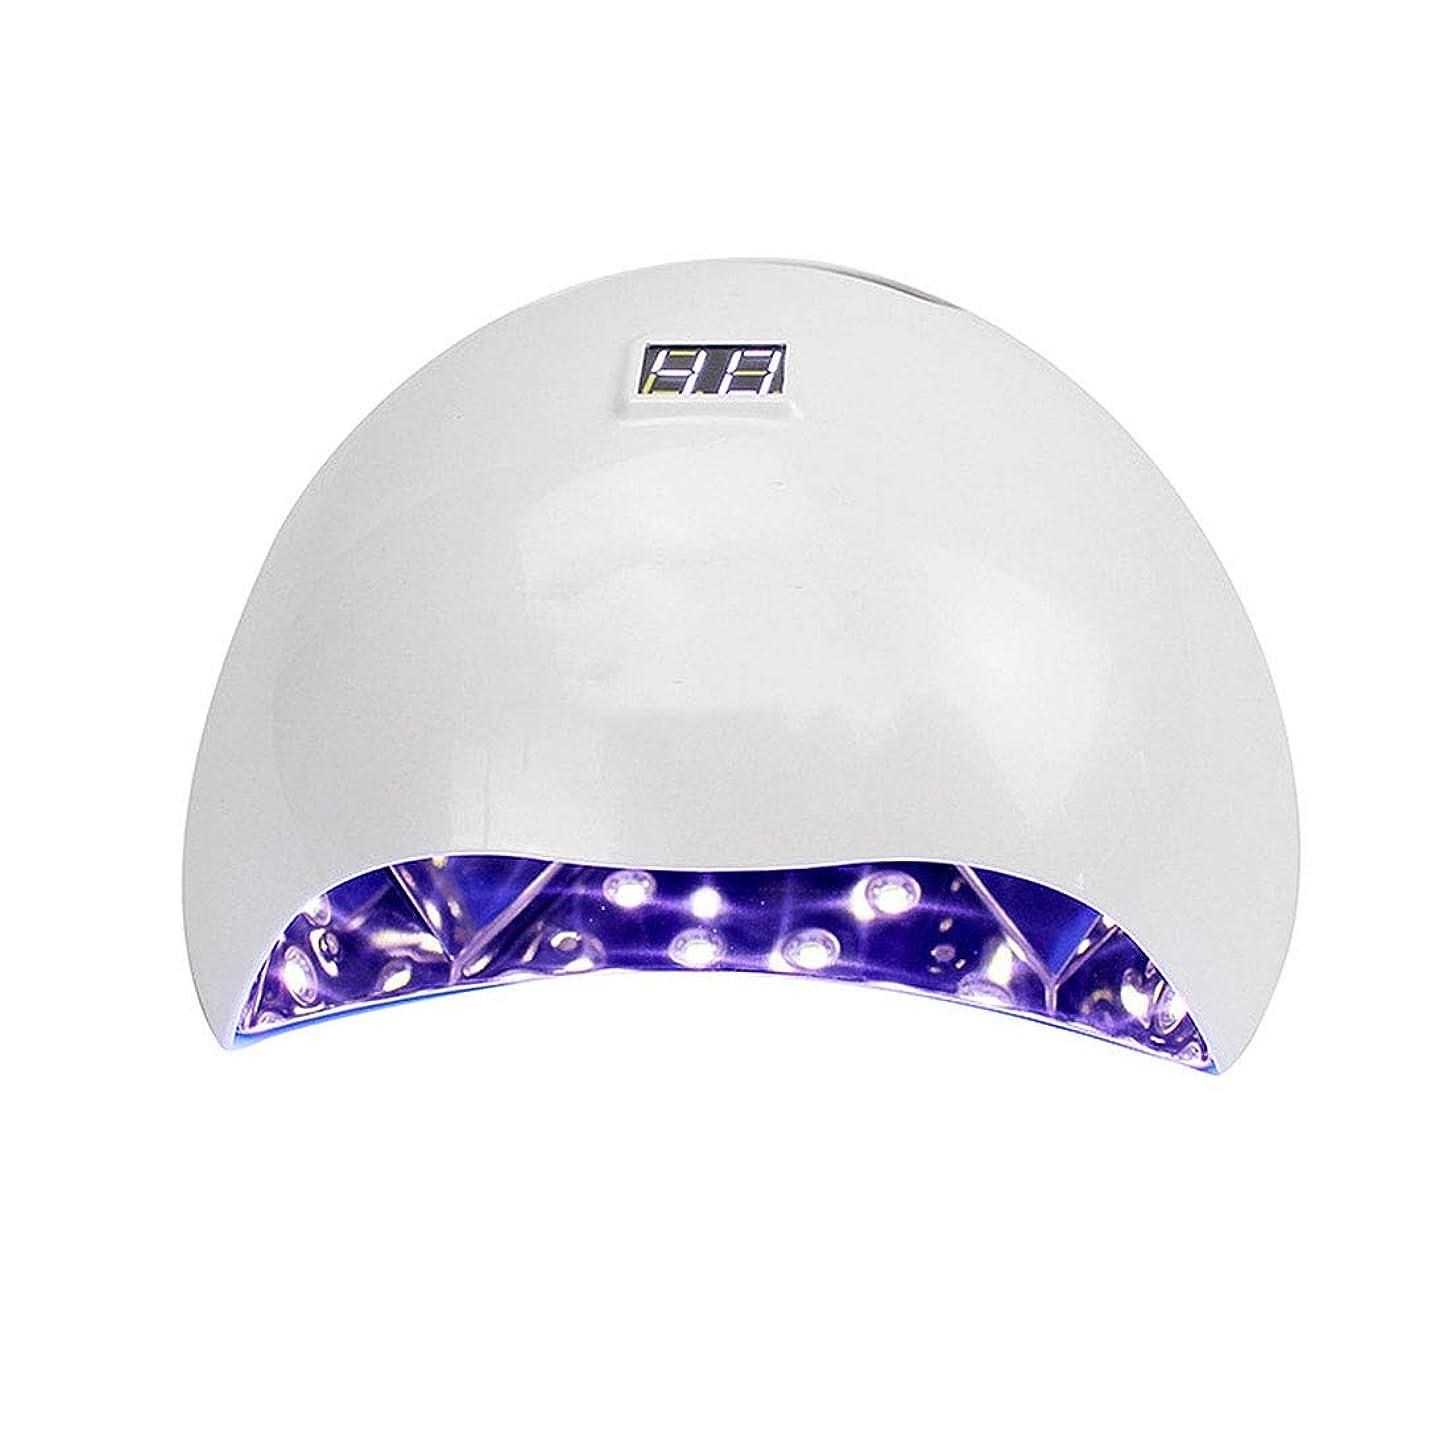 共役計画変わるシェラックおよびゲルの釘のための専門の紫外線およびLEDの釘ランプそして釘のドライヤーの表示